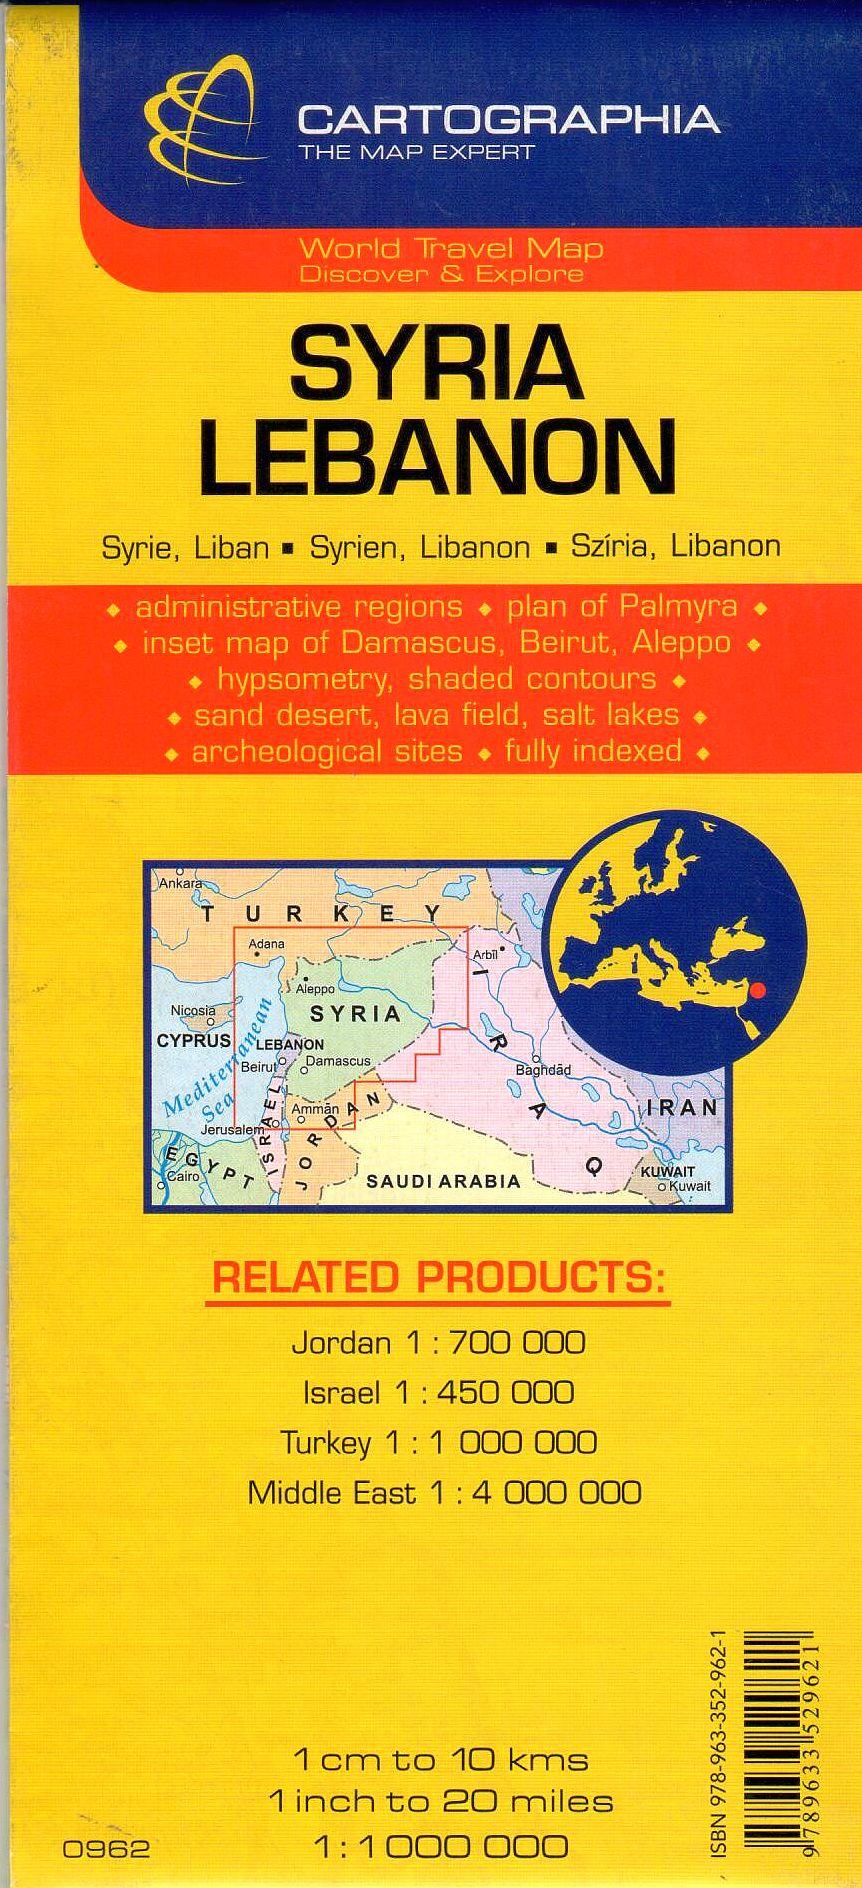 A Szíria Libanon térkép által lefedett terület